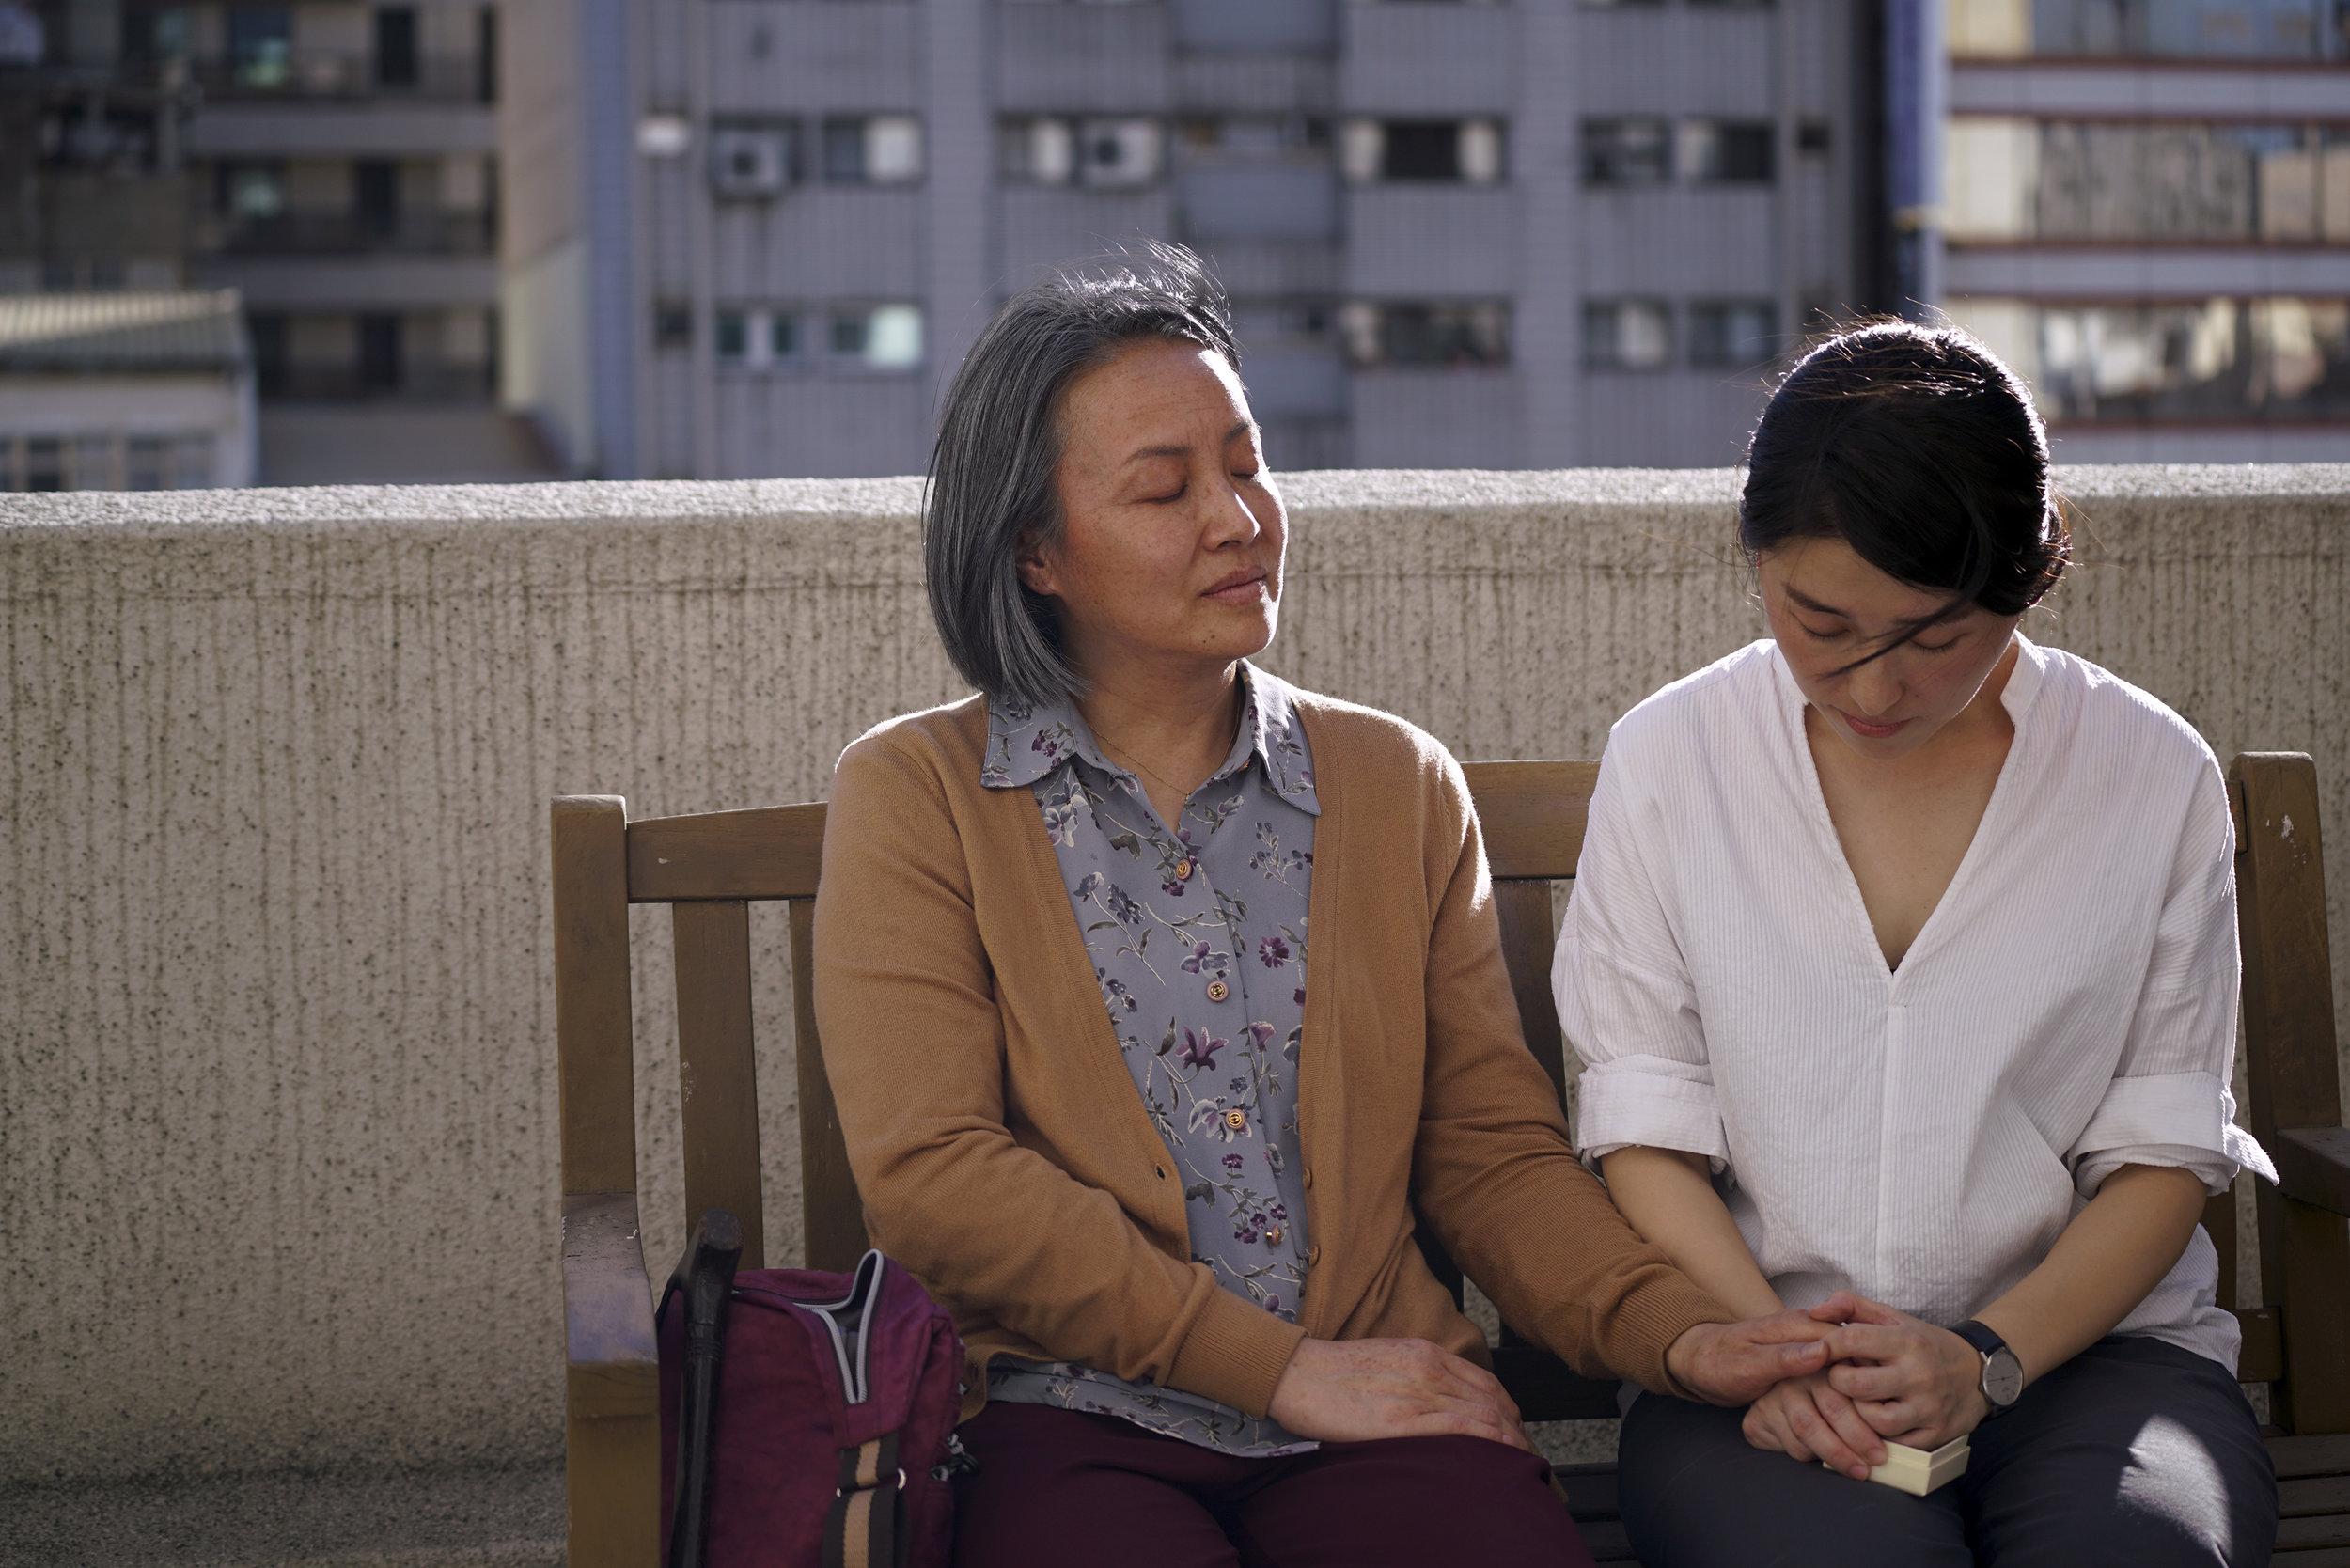 Den opposisjonelle kinesiske filmskaperen Yang Sh (Nai An) er avmektig mot et hjemland som tråkker på individets rettigheter. Hun må dra til Taiwan for å få treffe sin kreftsyke mor.